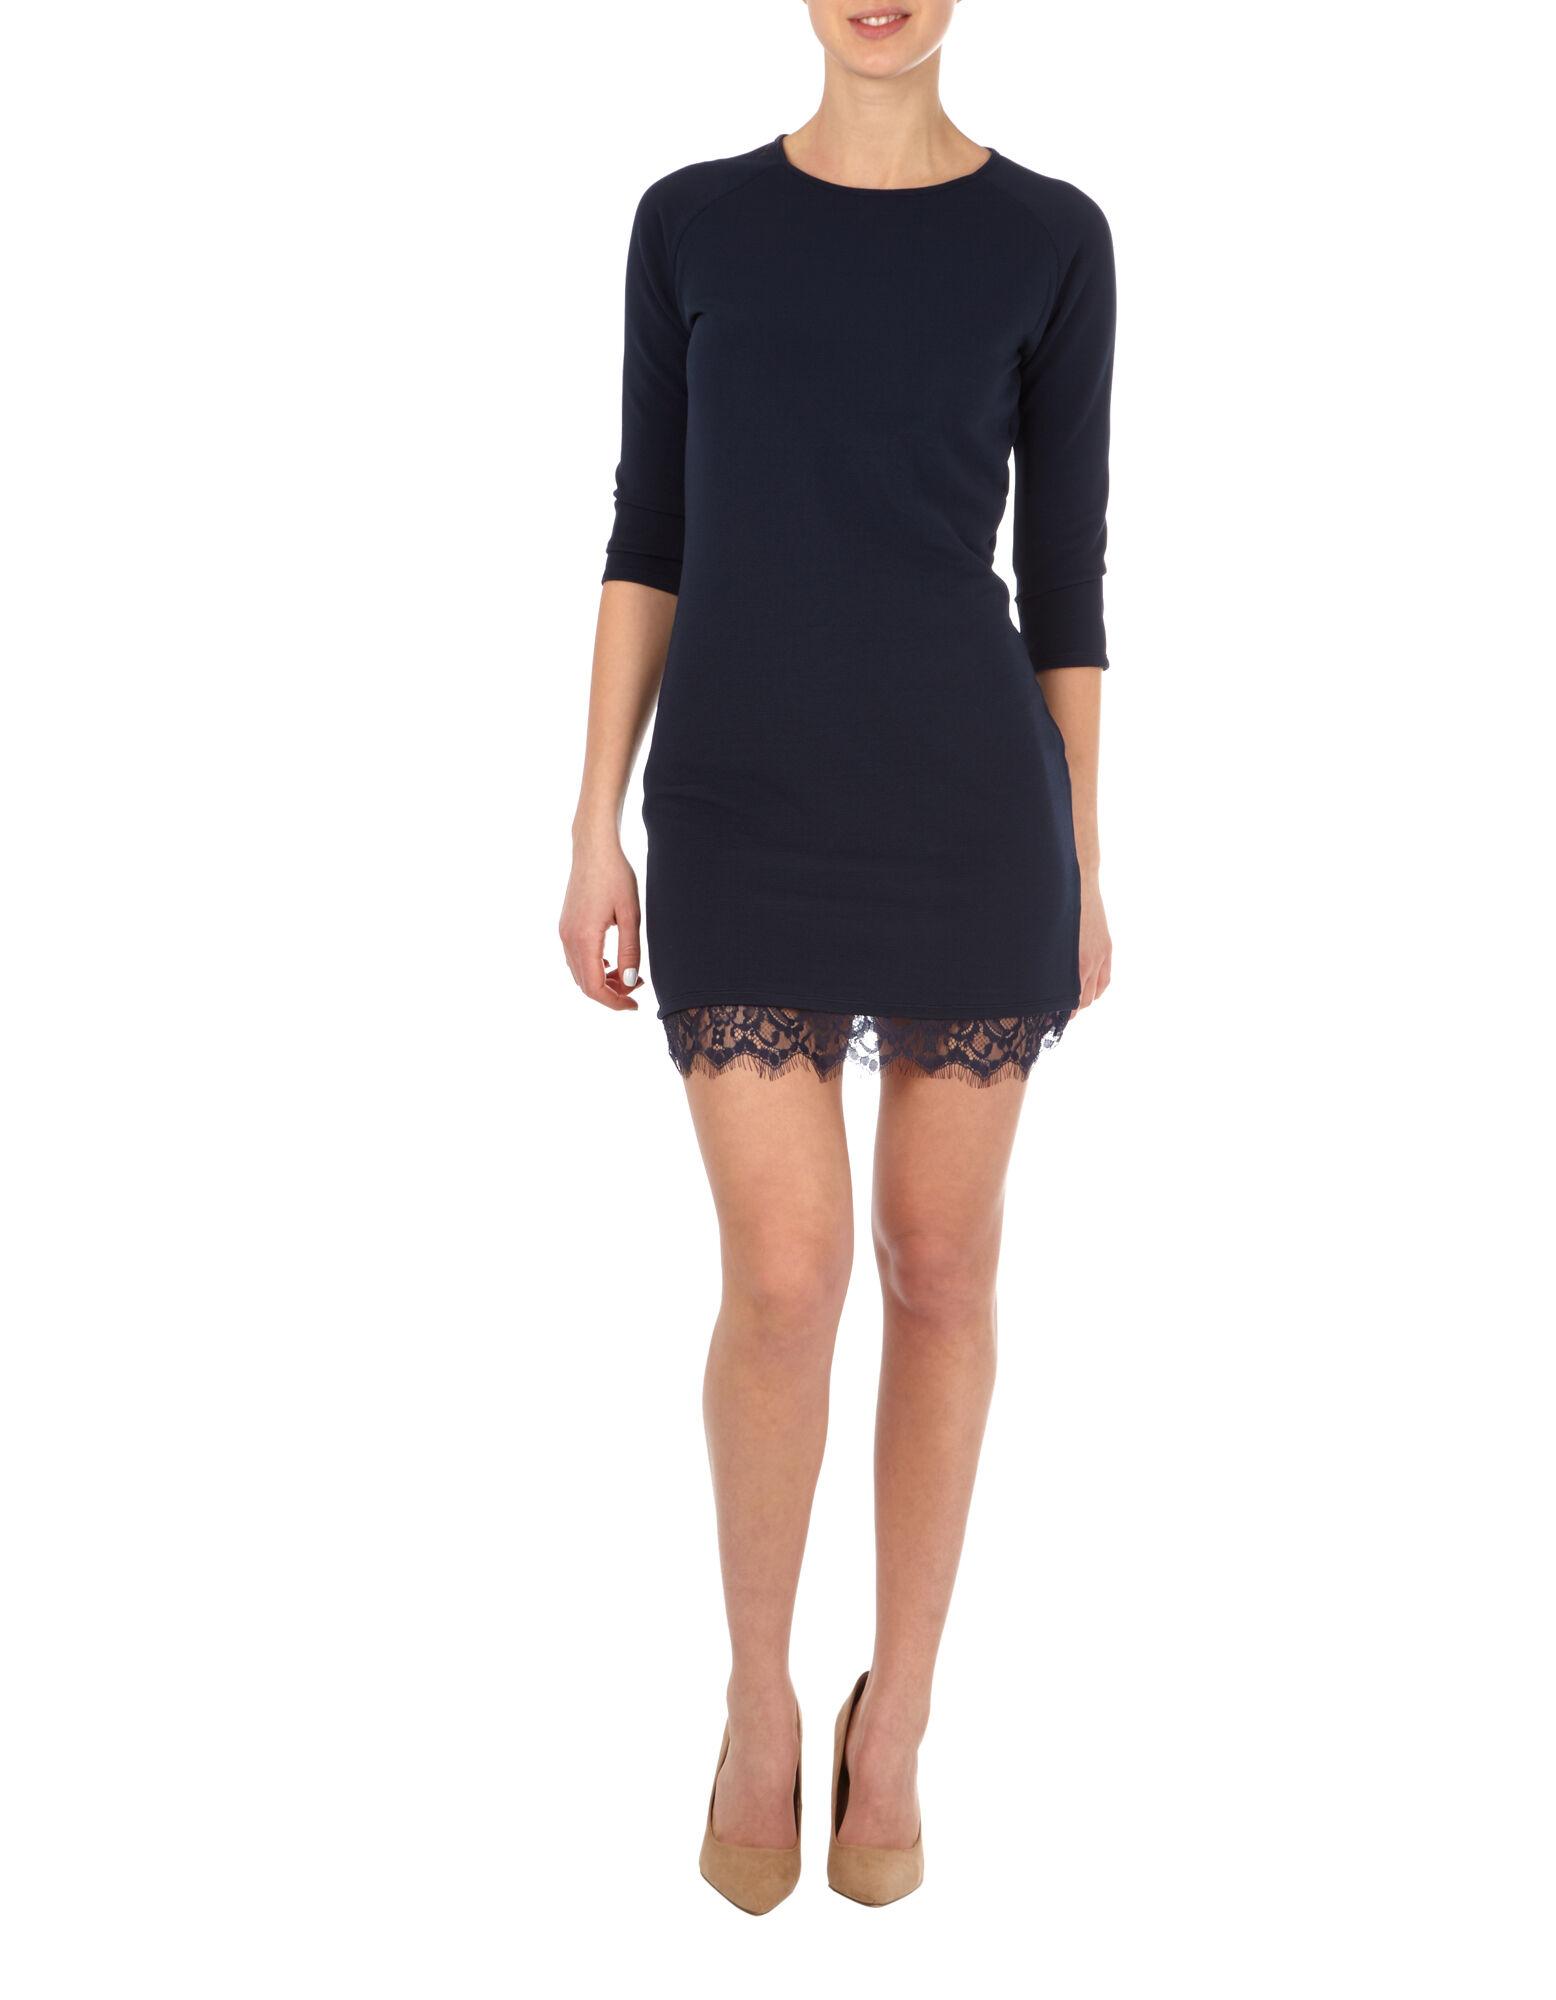 Damen kleider gunstig kaufen